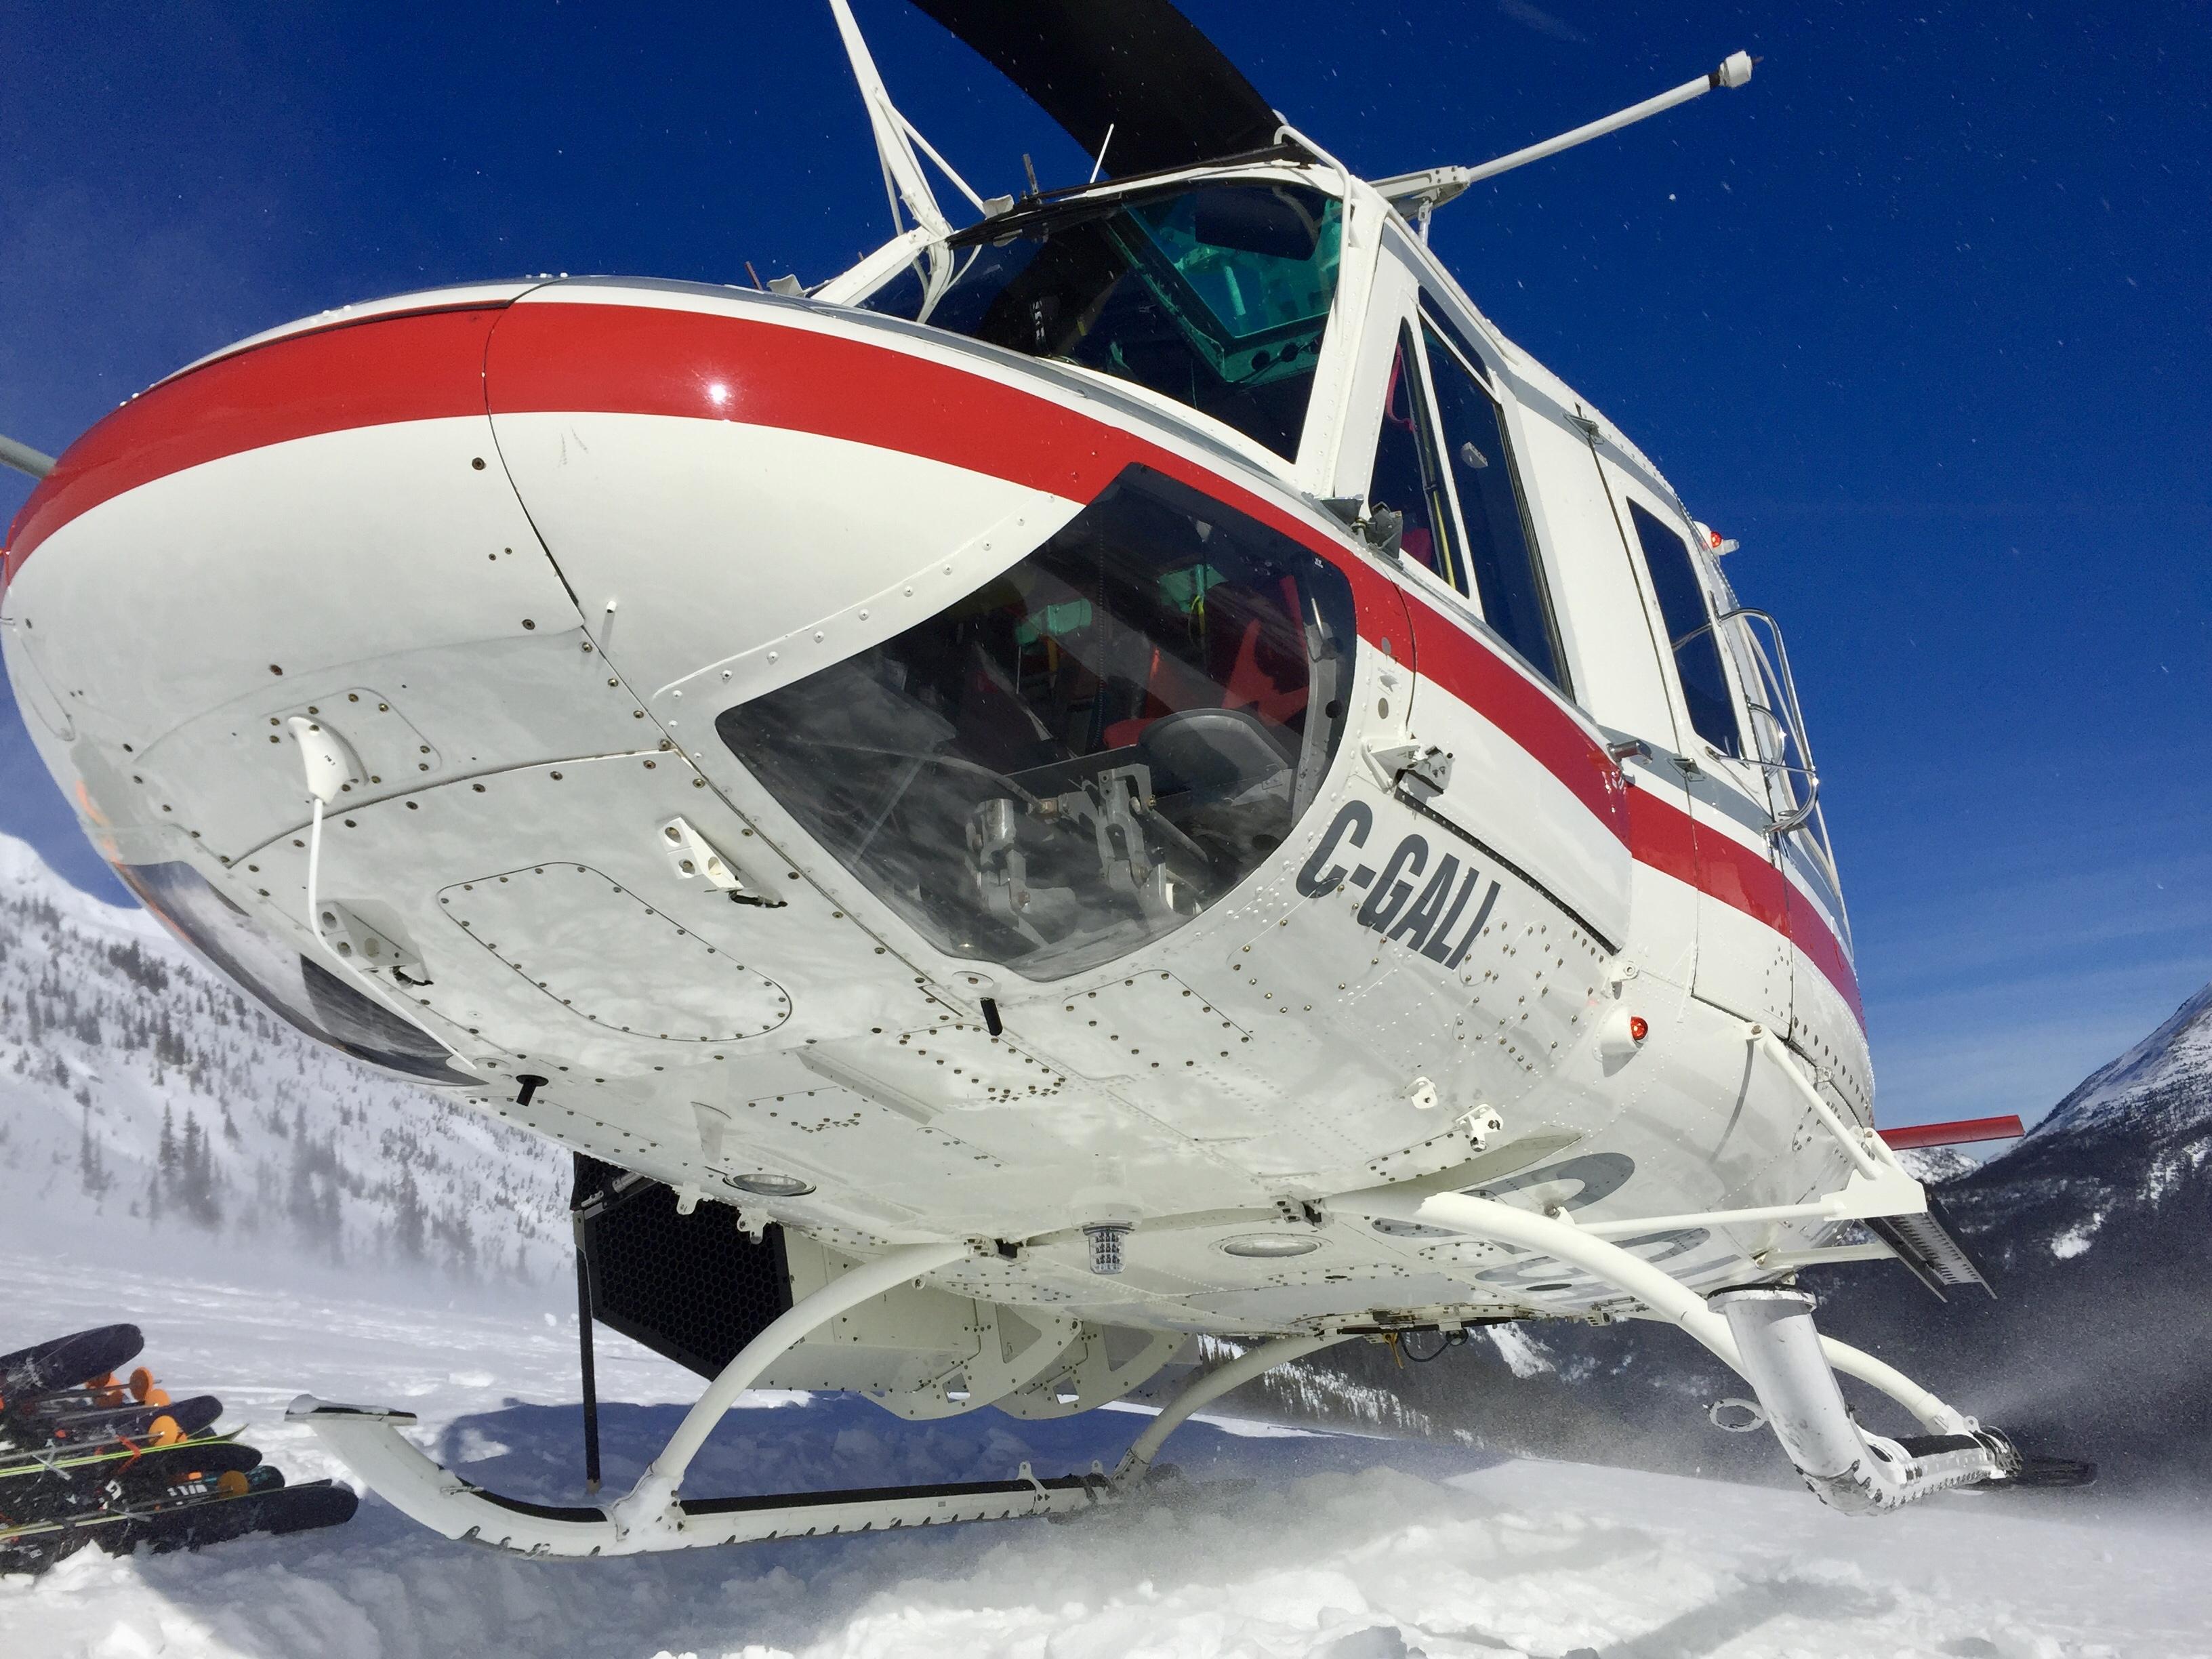 Adrénaline travaille avec les meilleures compagnies d'hélicoptères de Suisse.